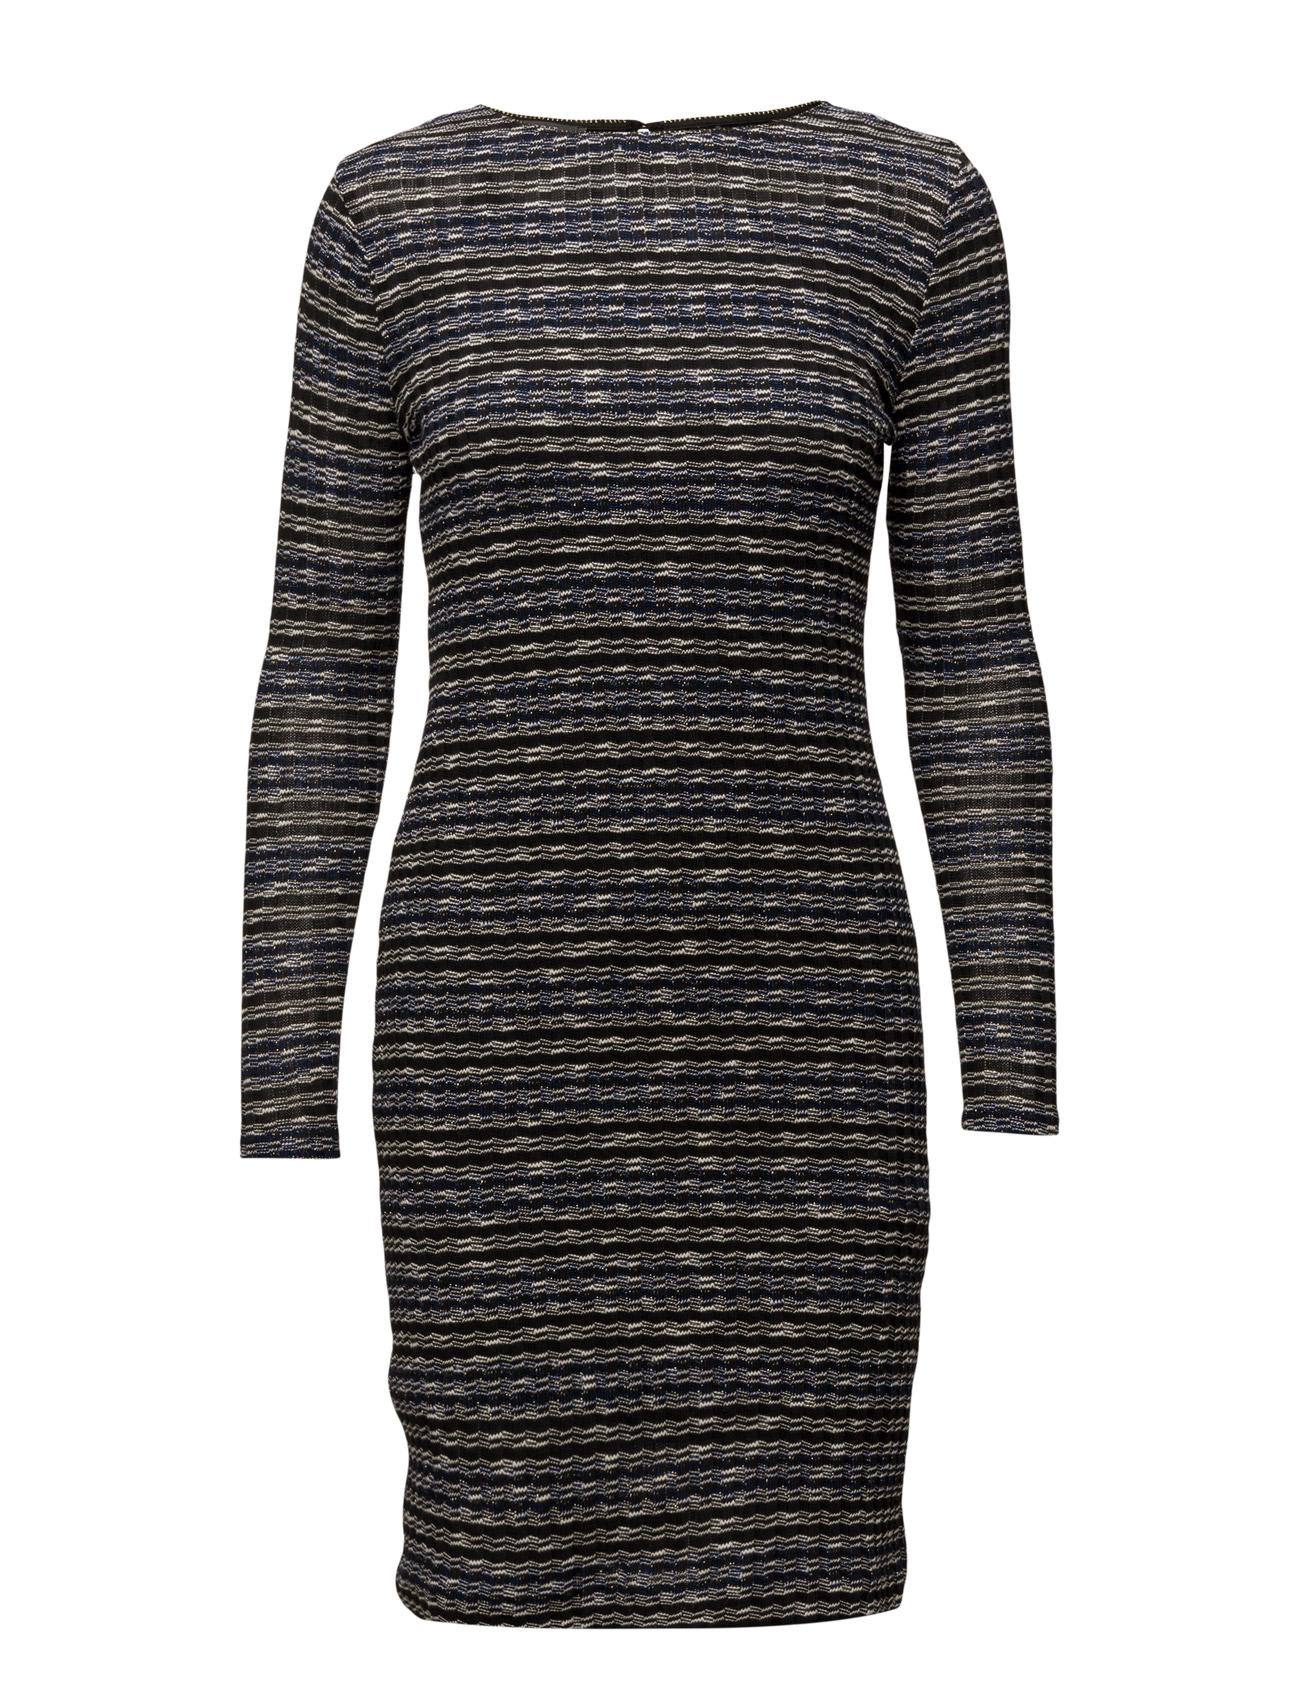 Dresses Knitted Esprit Collection Knælange & mellemlange til Kvinder i Sort